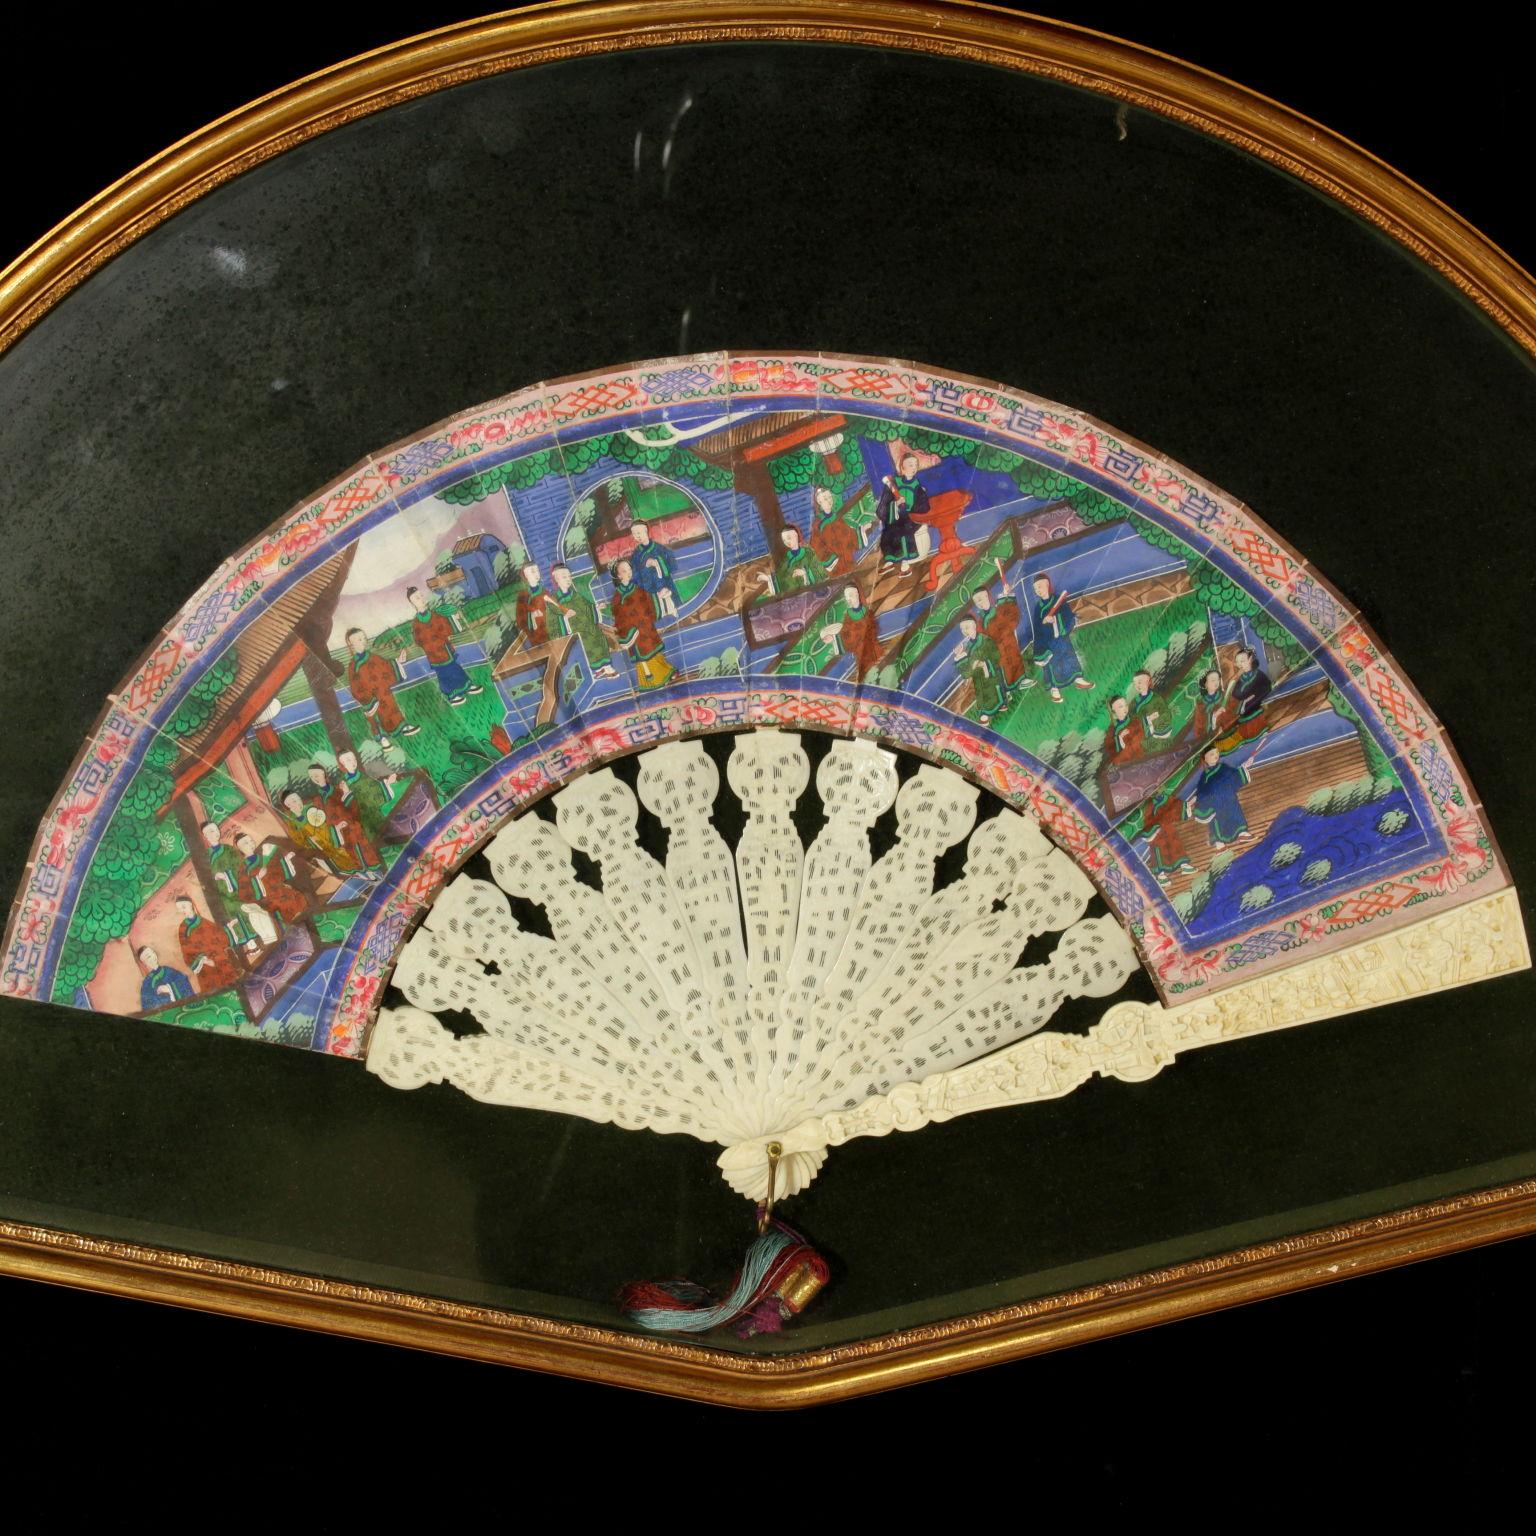 Ventagli Da Parete Decorativi ventaglio cinese - oggettistica - antiquariato - dimanoinmano.it